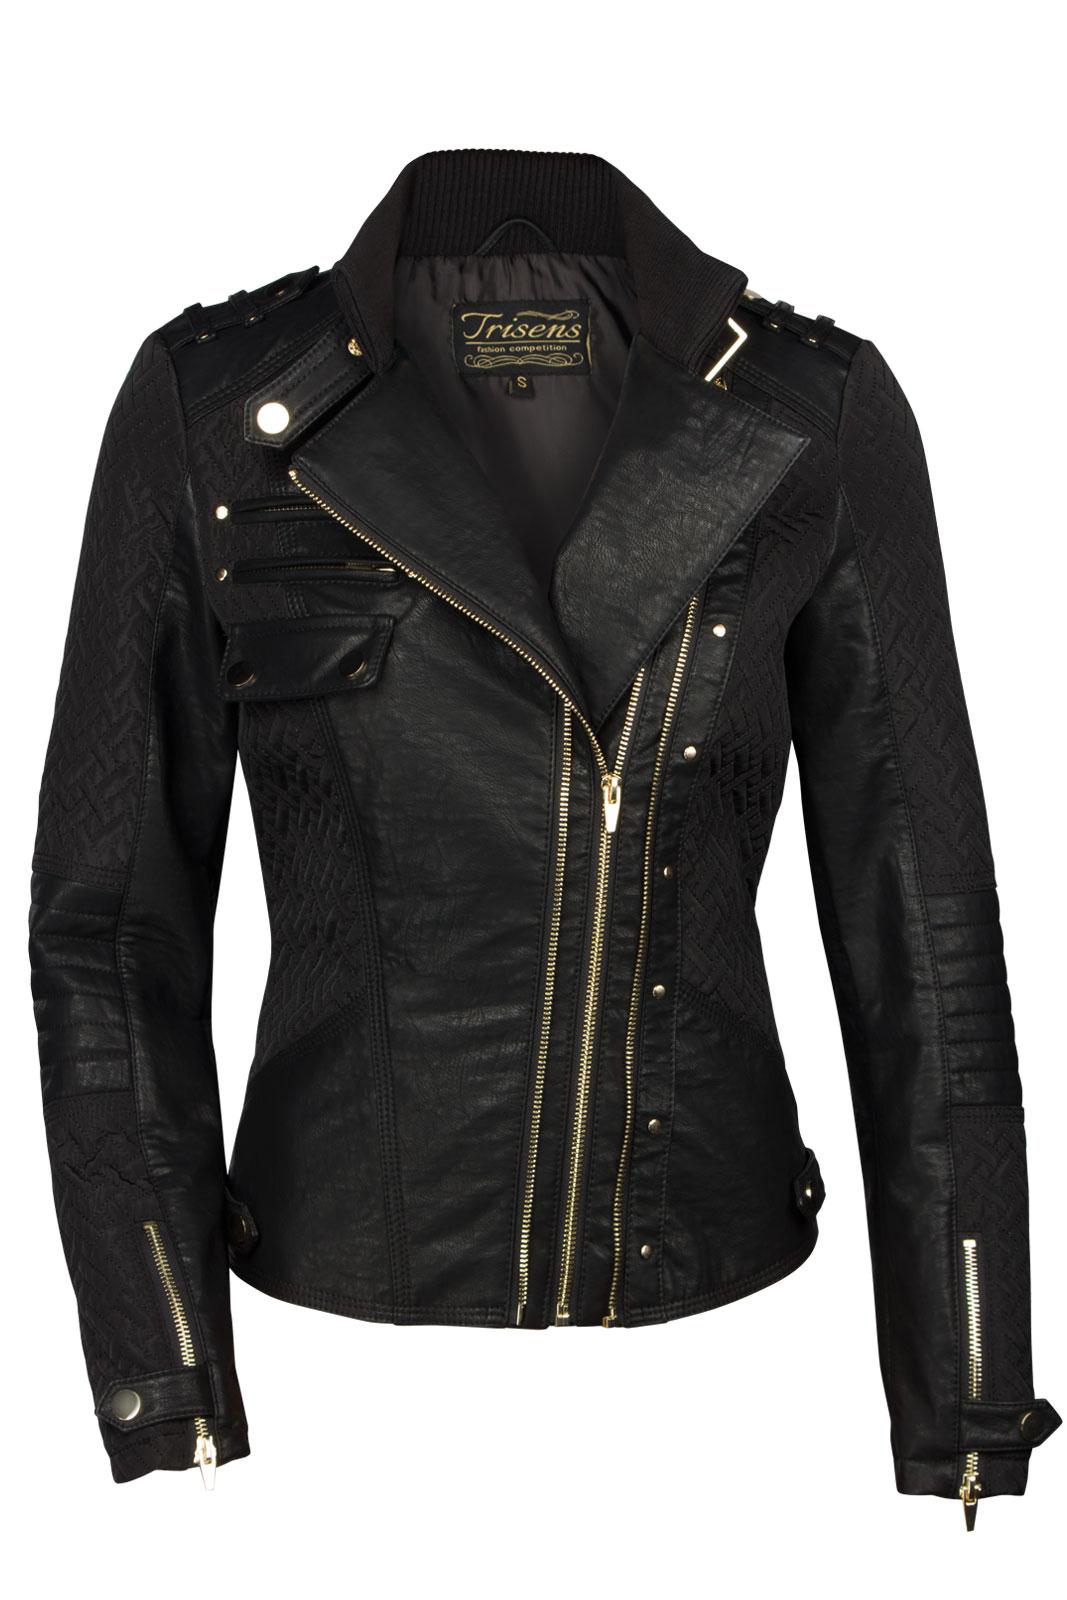 trisens damen lederjacke biker kurz motorrad jacke kunst pu leder schwarz gold ebay. Black Bedroom Furniture Sets. Home Design Ideas